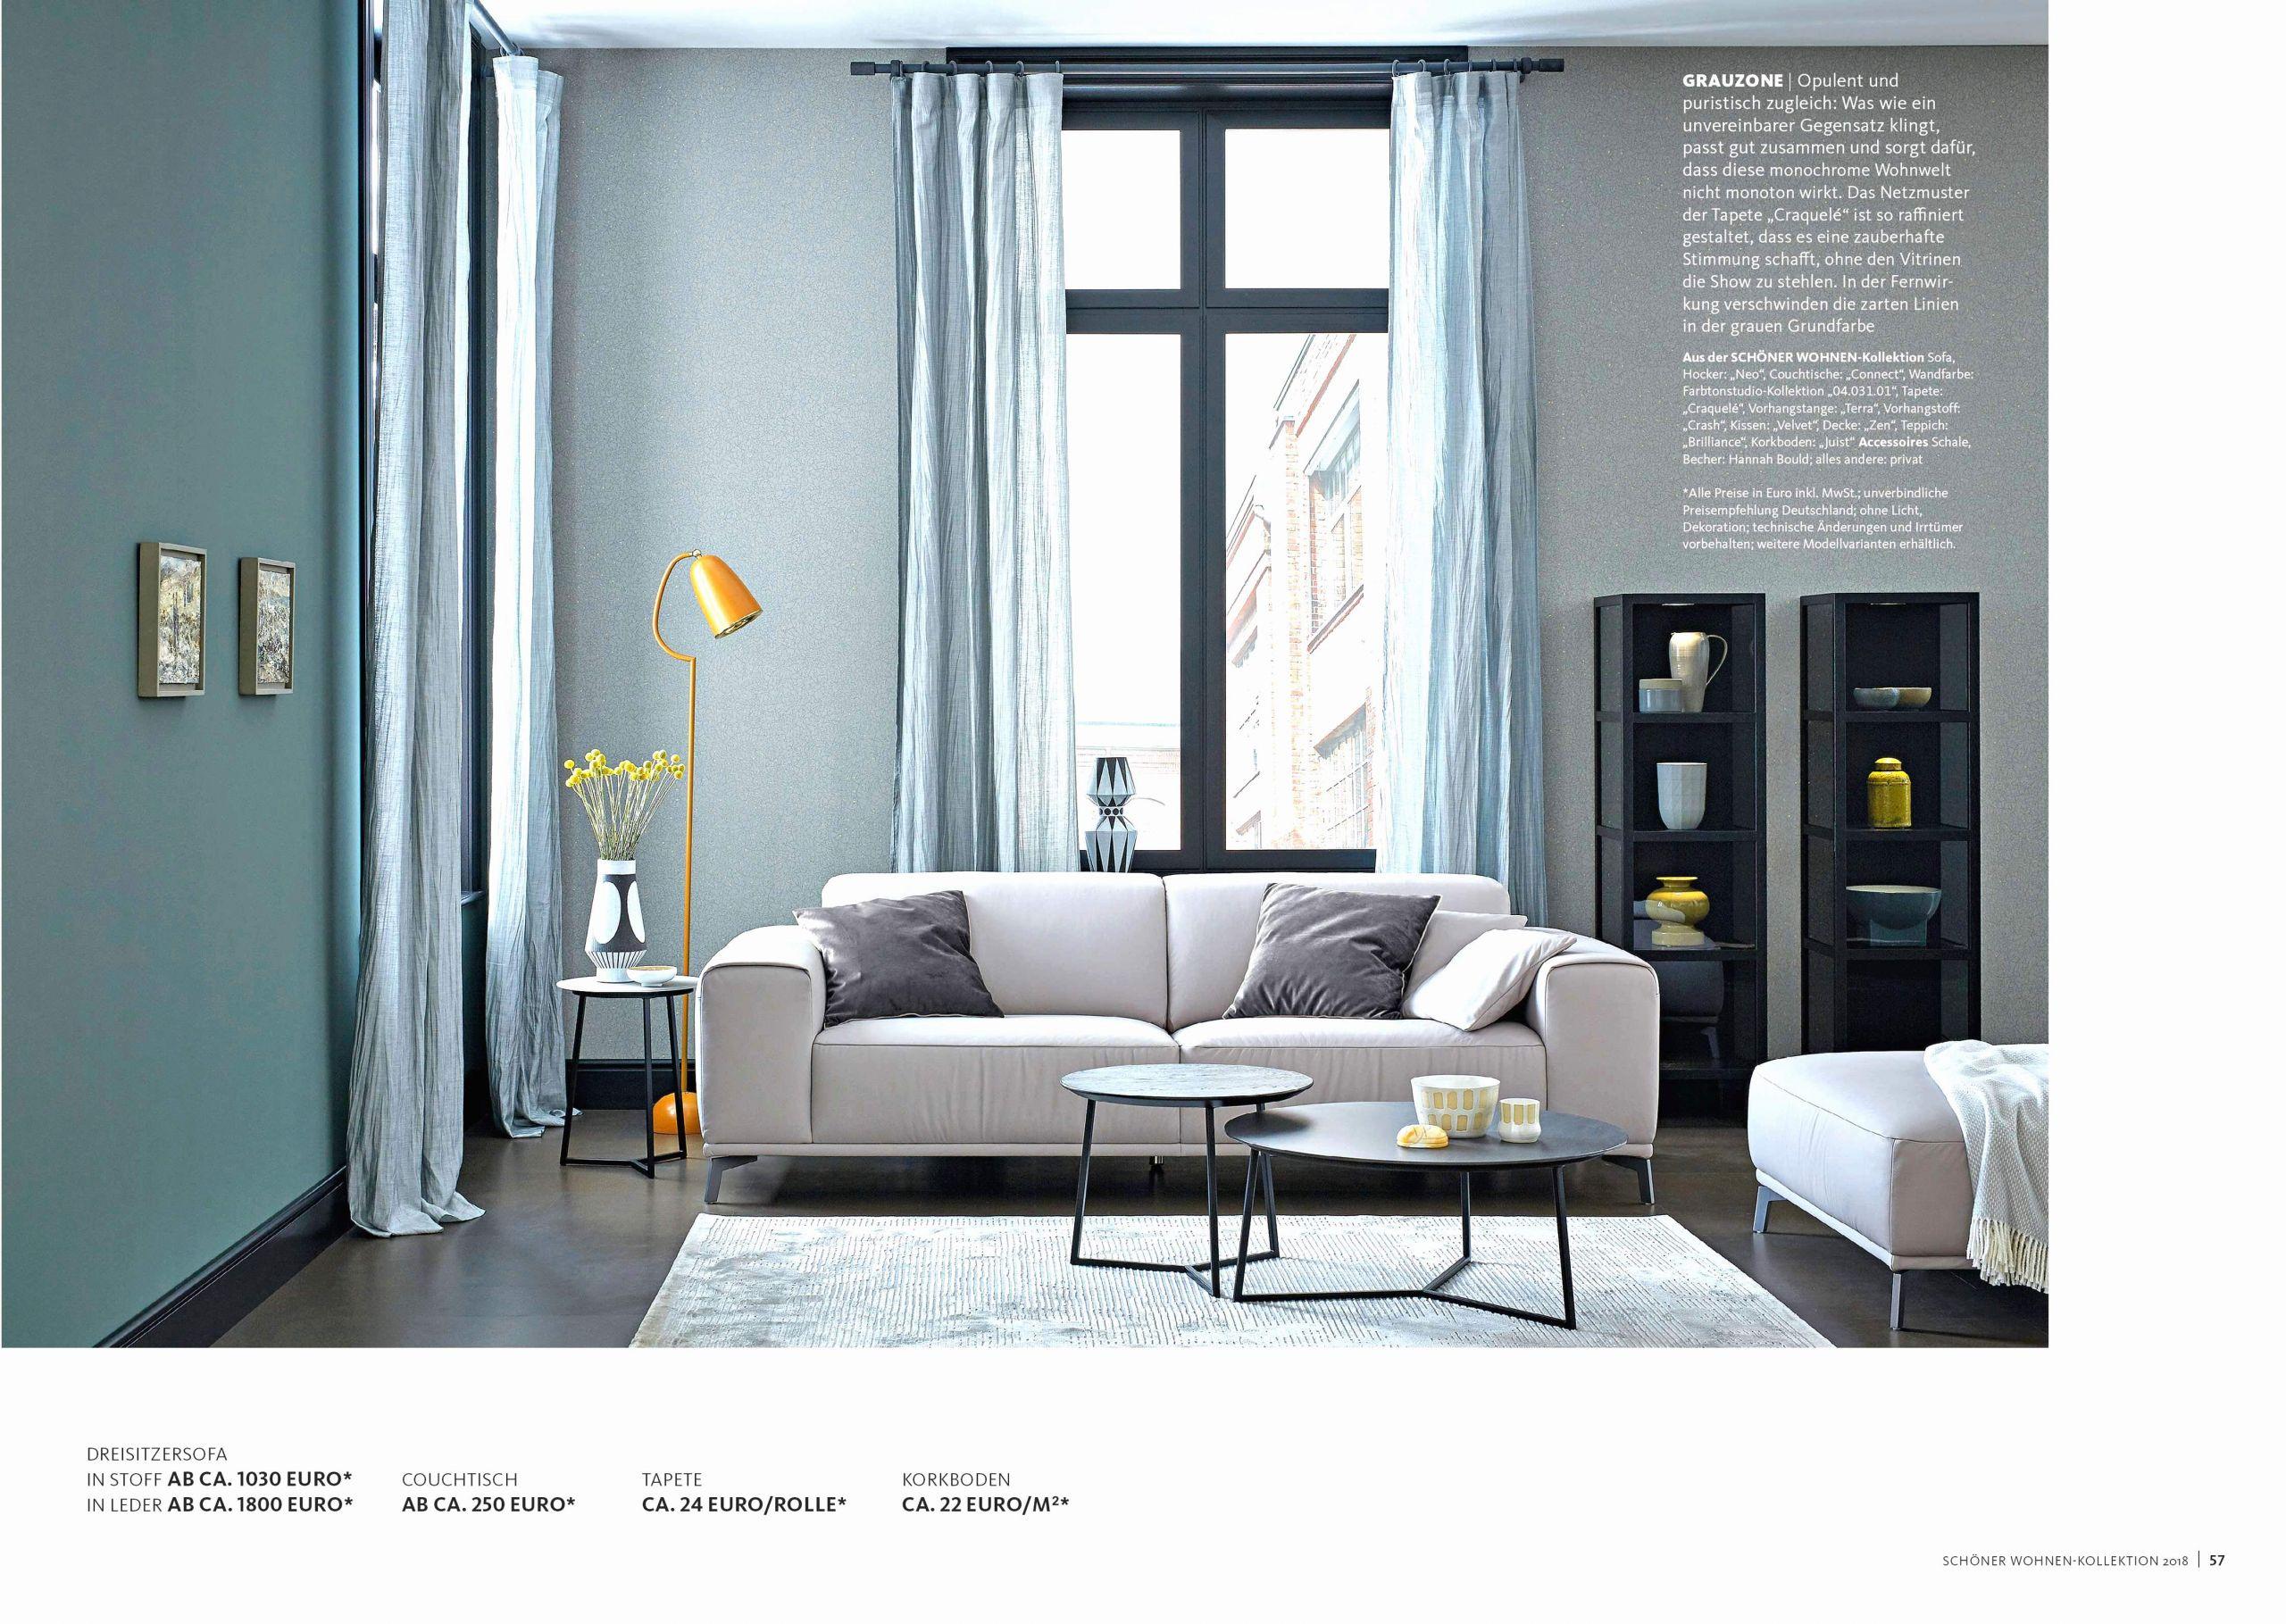 Full Size of Moderne Wandgestaltung Wohnzimmer Grau Caseconradcom Vorhang Wandbilder Teppich Bilder Xxl Pendelleuchte Deckenlampen Für Tapeten Die Küche Teppiche Lampen Wohnzimmer Wohnzimmer Tapeten Vorschläge